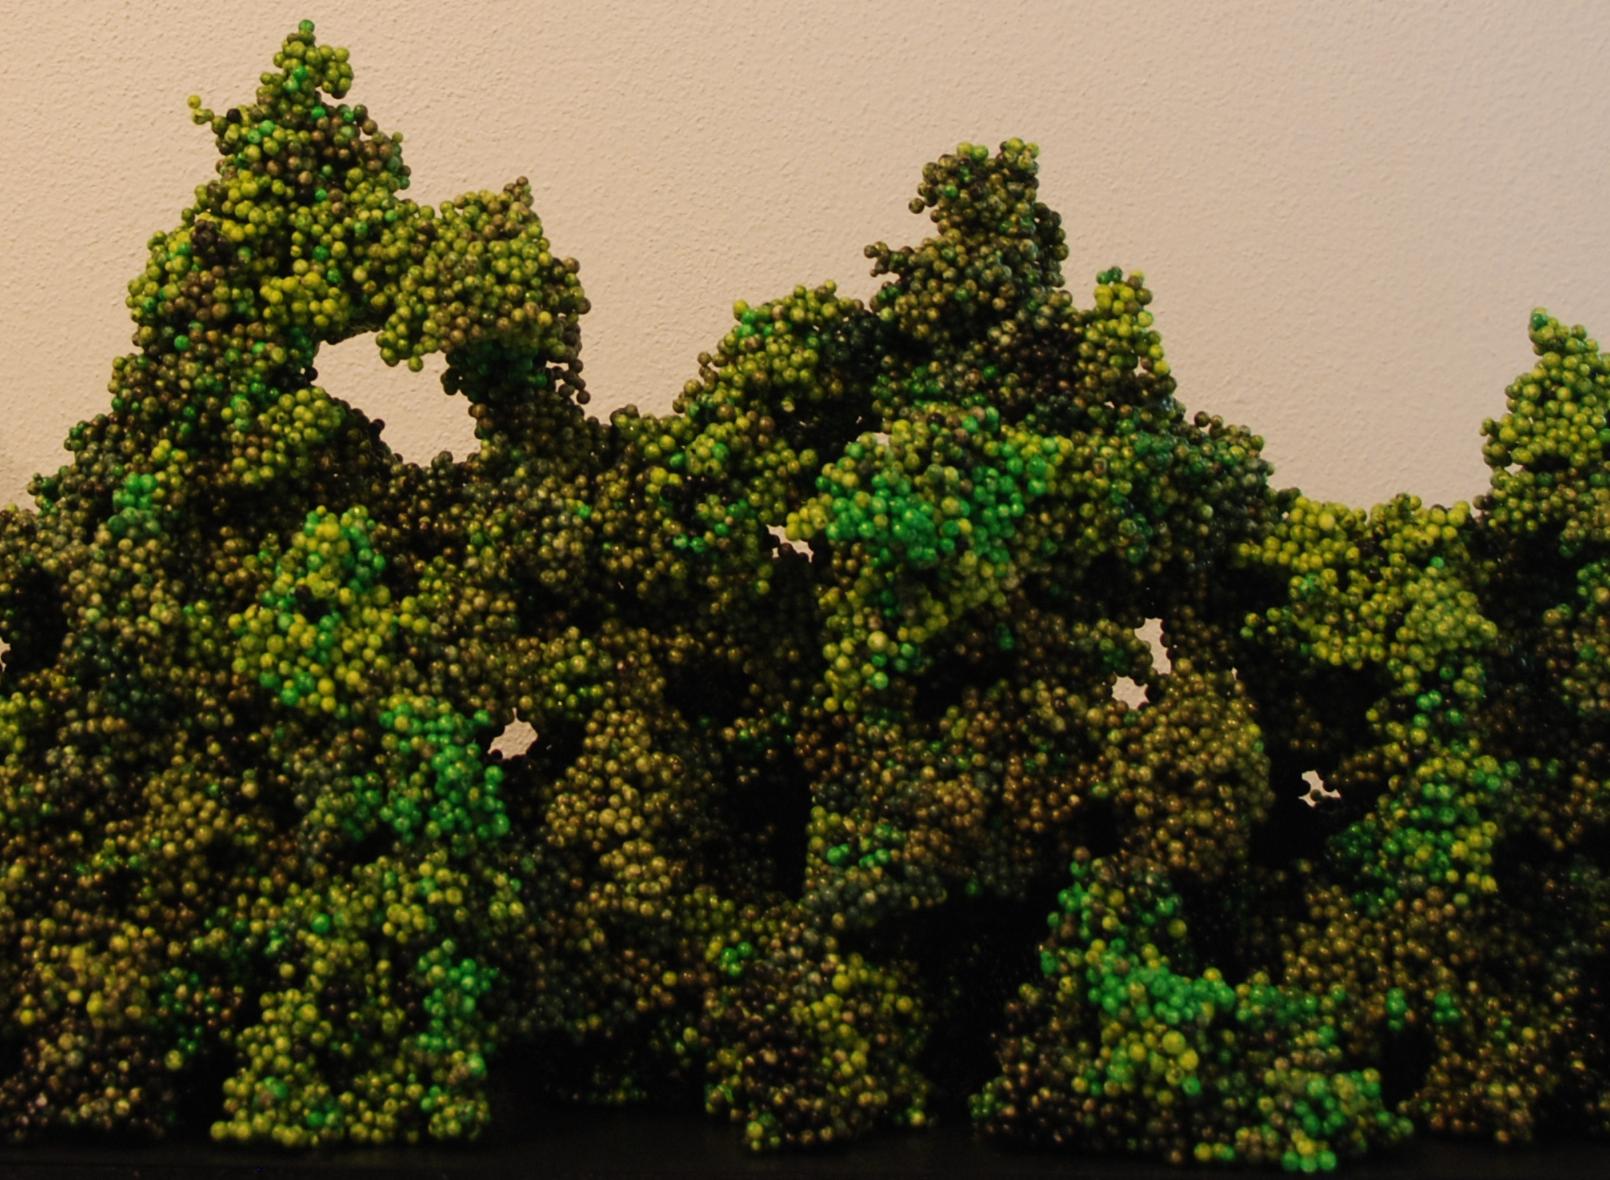 sculptuur-groen-ontbossing-aangestast-3-1